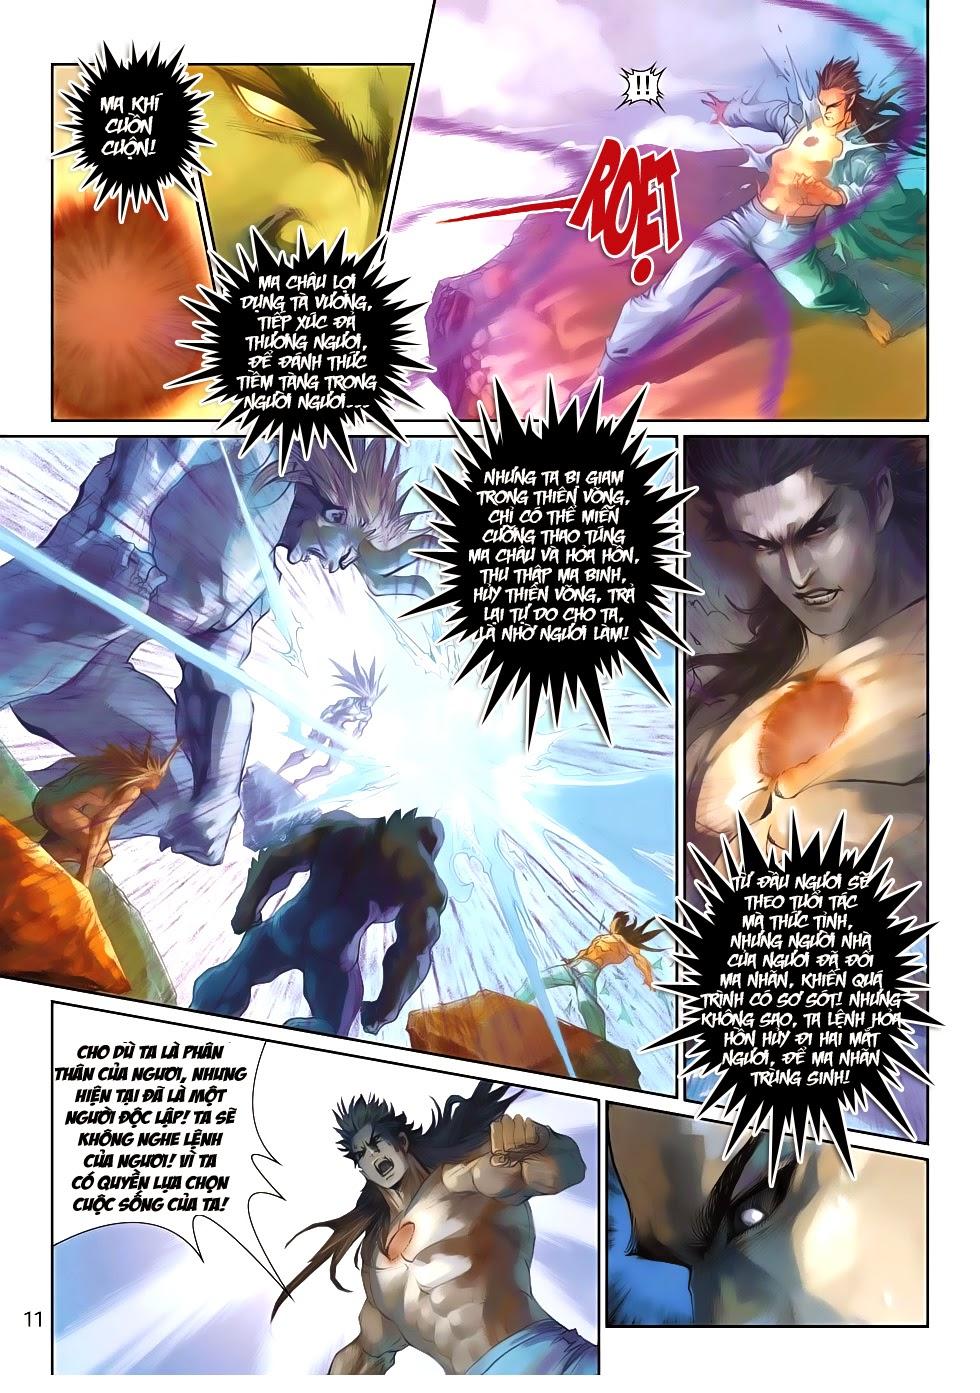 Thần Binh Tiền Truyện 4 - Huyền Thiên Tà Đế chap 10 - Trang 11